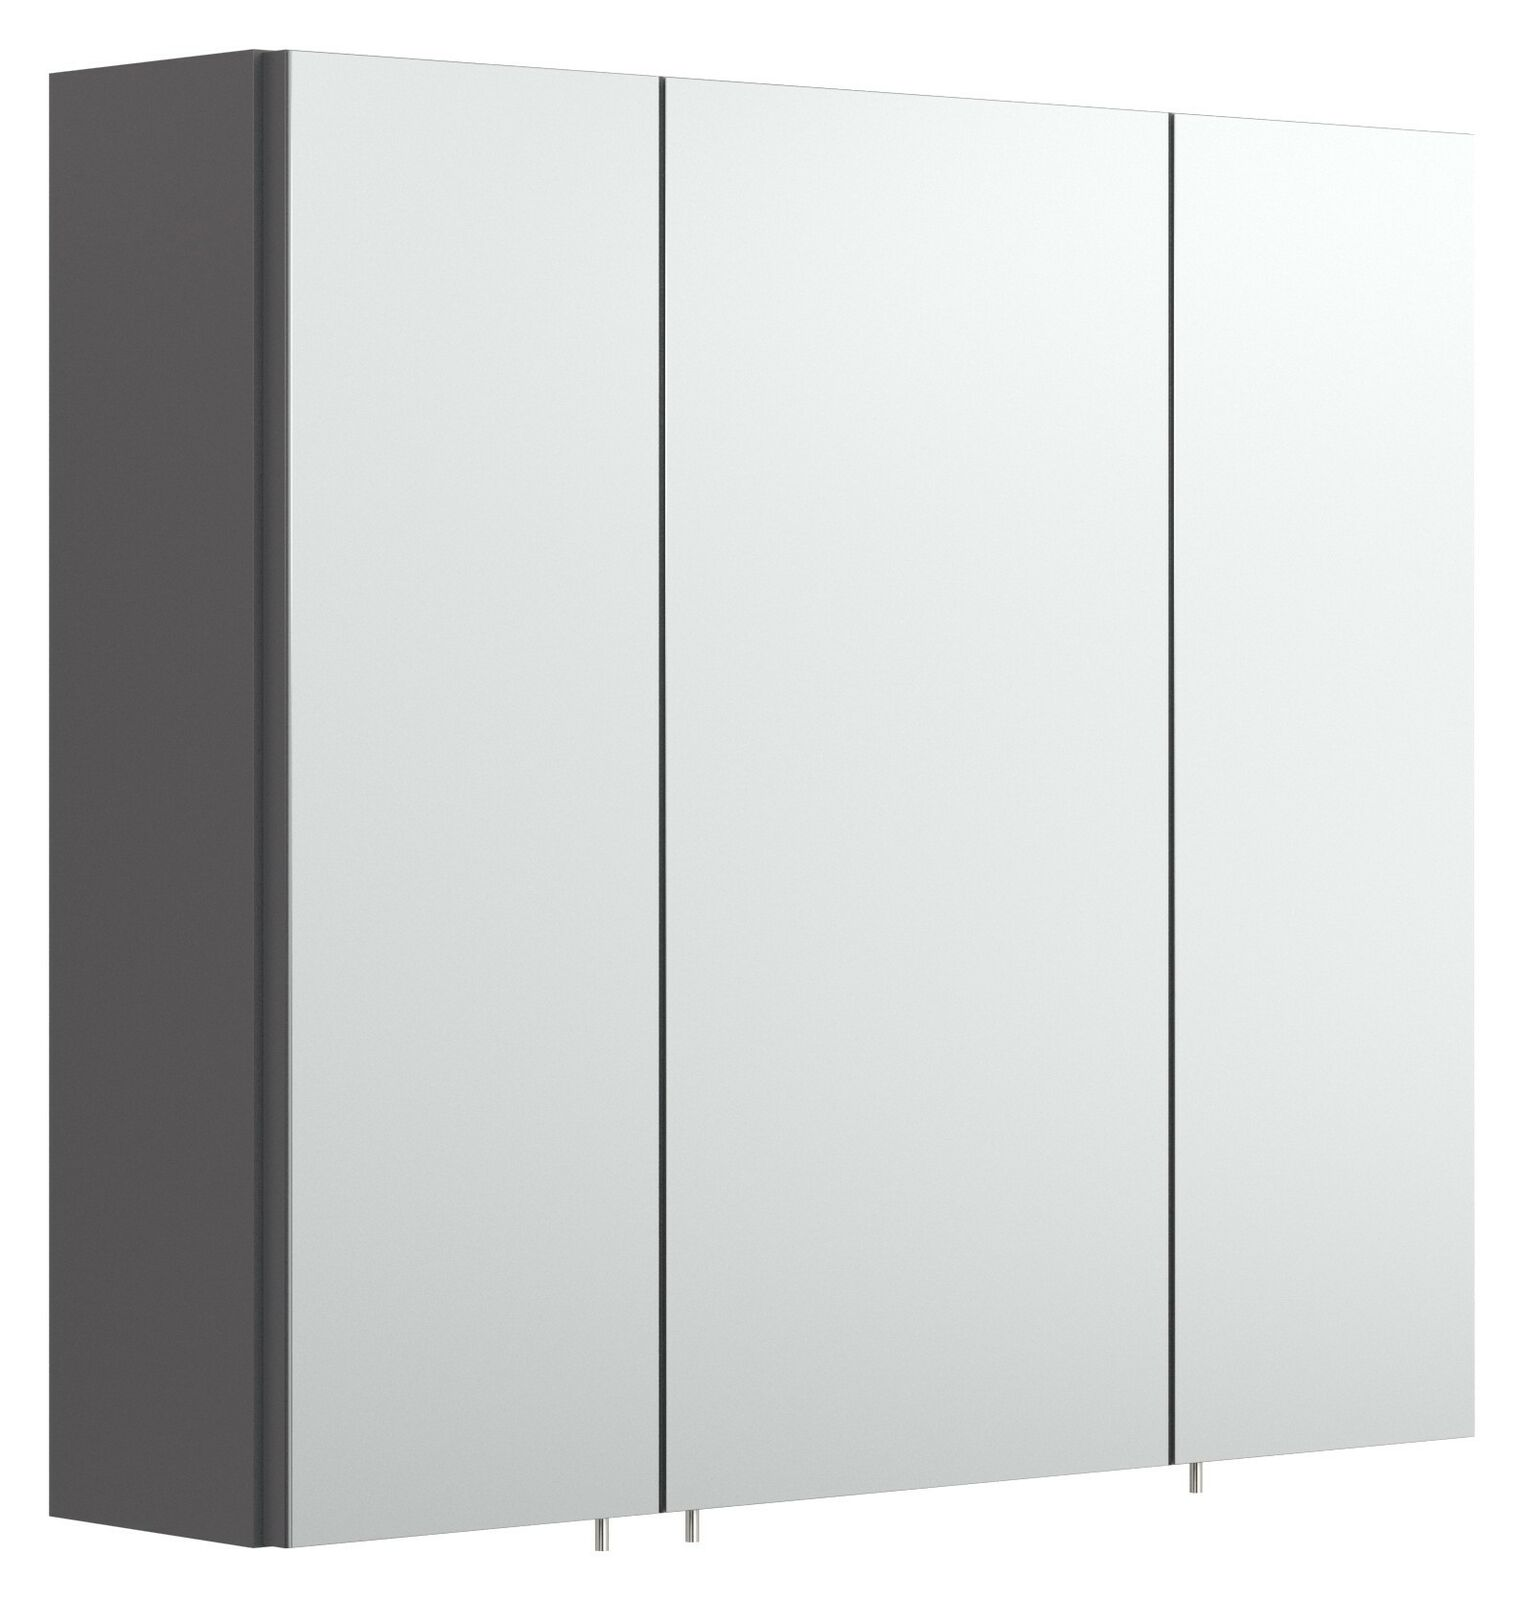 Badezimmer Spiegelschrank 11 cm Spiegel anthrazit 11-türig ohne Beleuchtung  *11